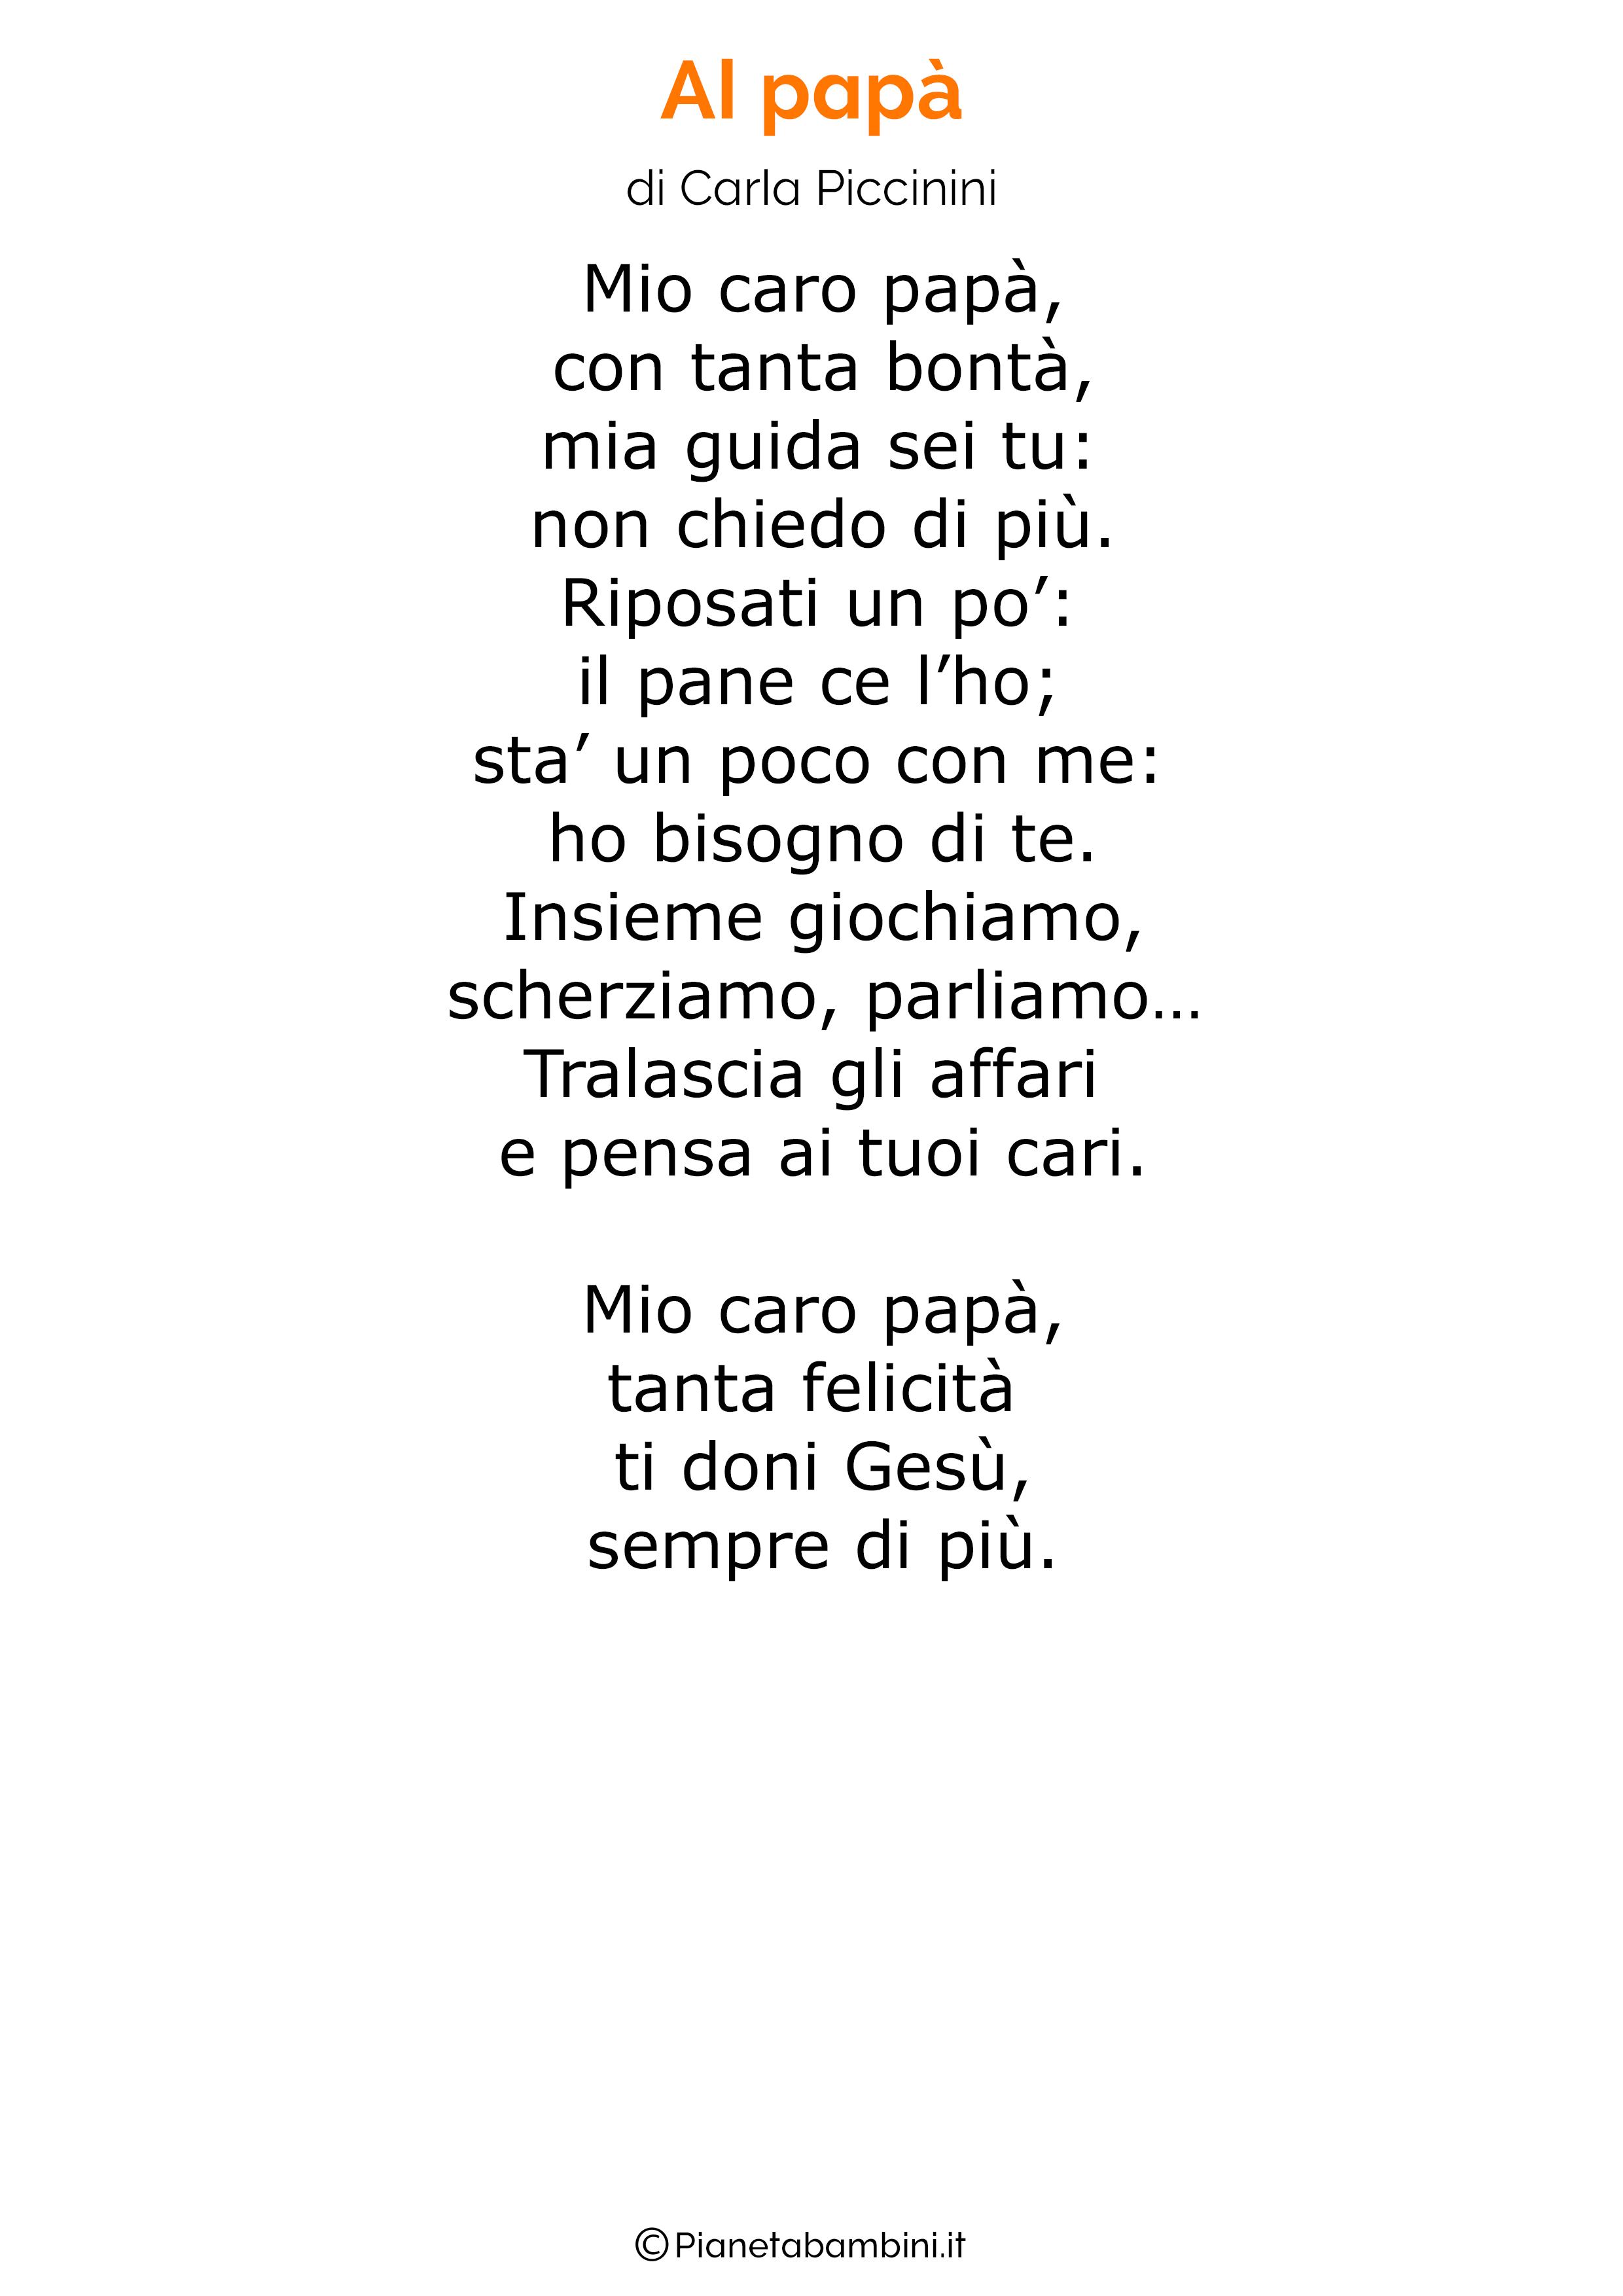 Poesia per la festa del papa per bambini 09